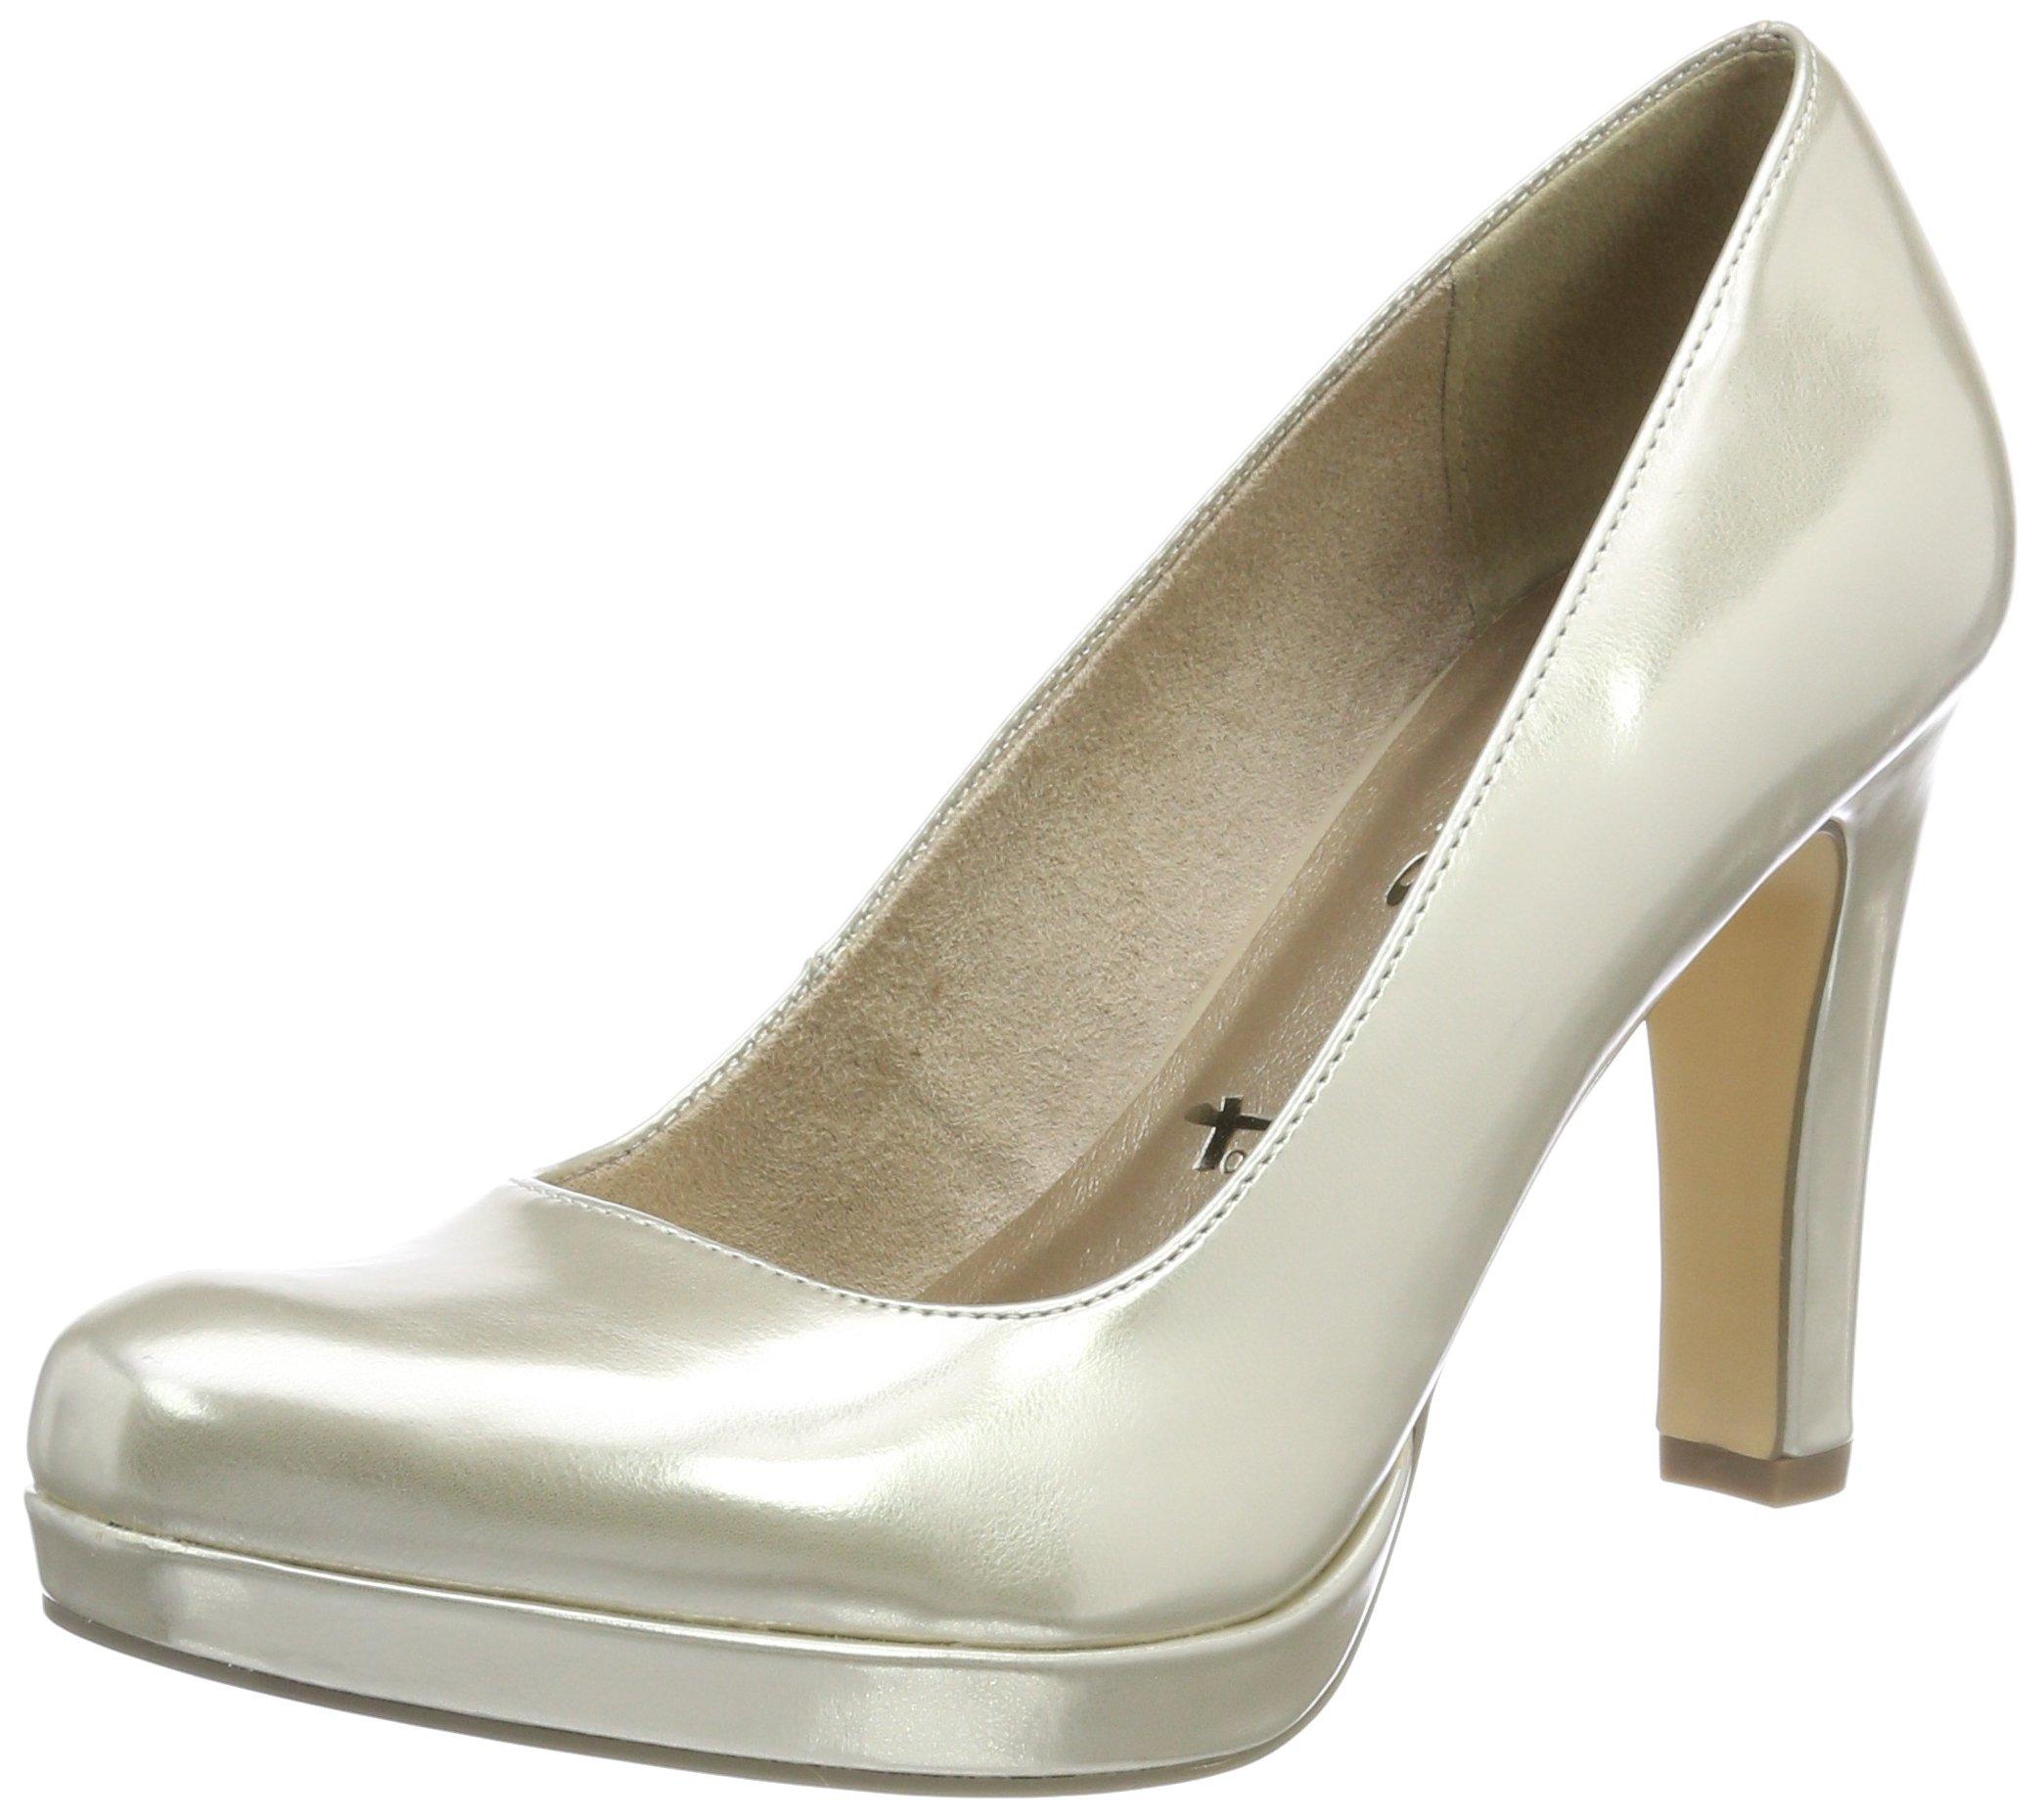 e5af150850 Mejor valorados en Zapatos de tacón   Opiniones útiles de nuestros ...